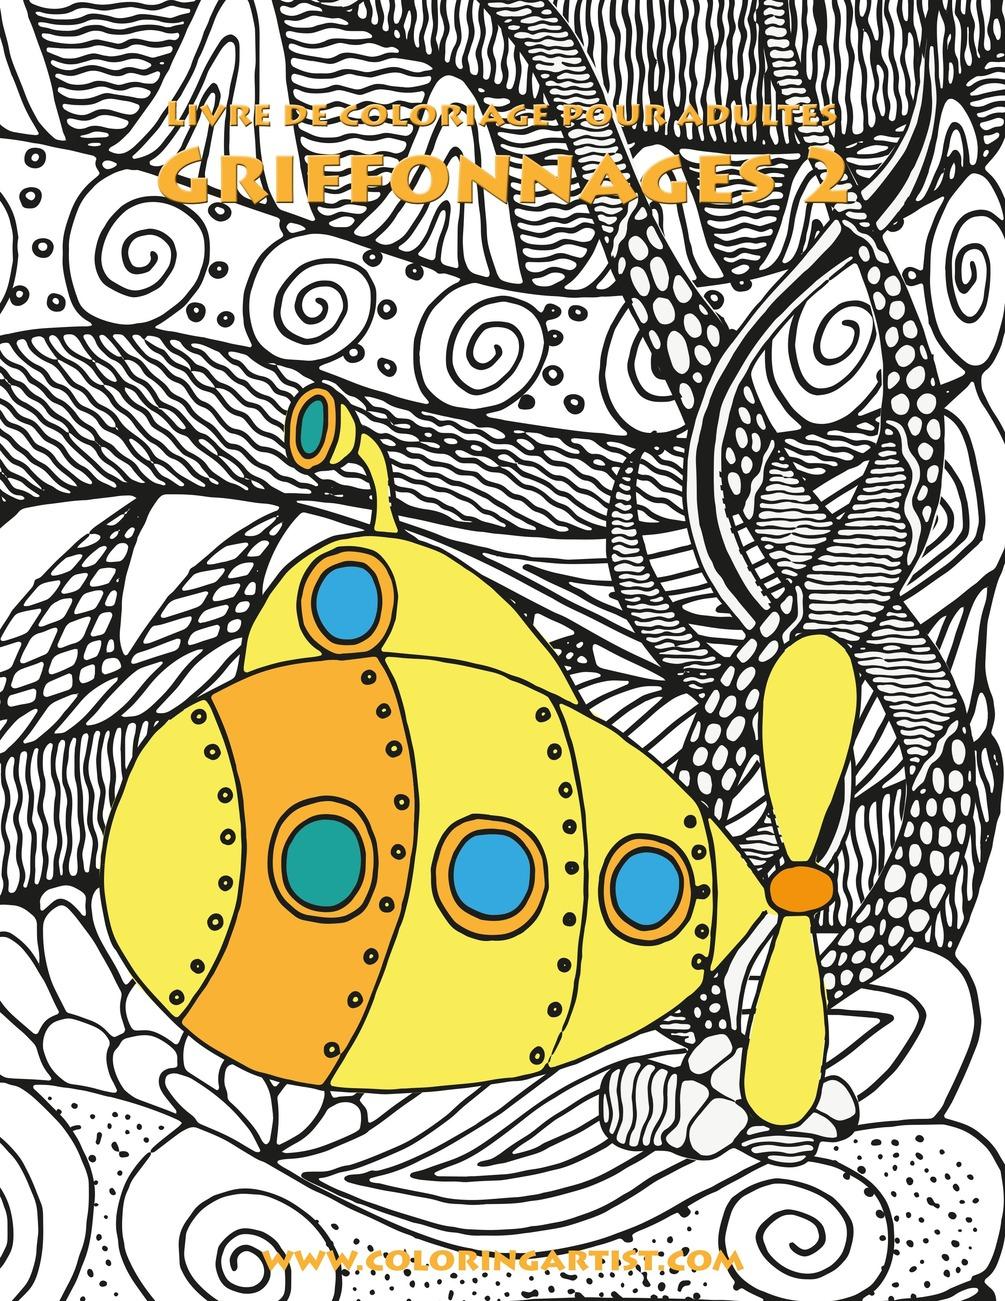 Livre De Coloriage Pour Adultes Griffonnages 2 destiné Livre De Coloriage Pour Adulte